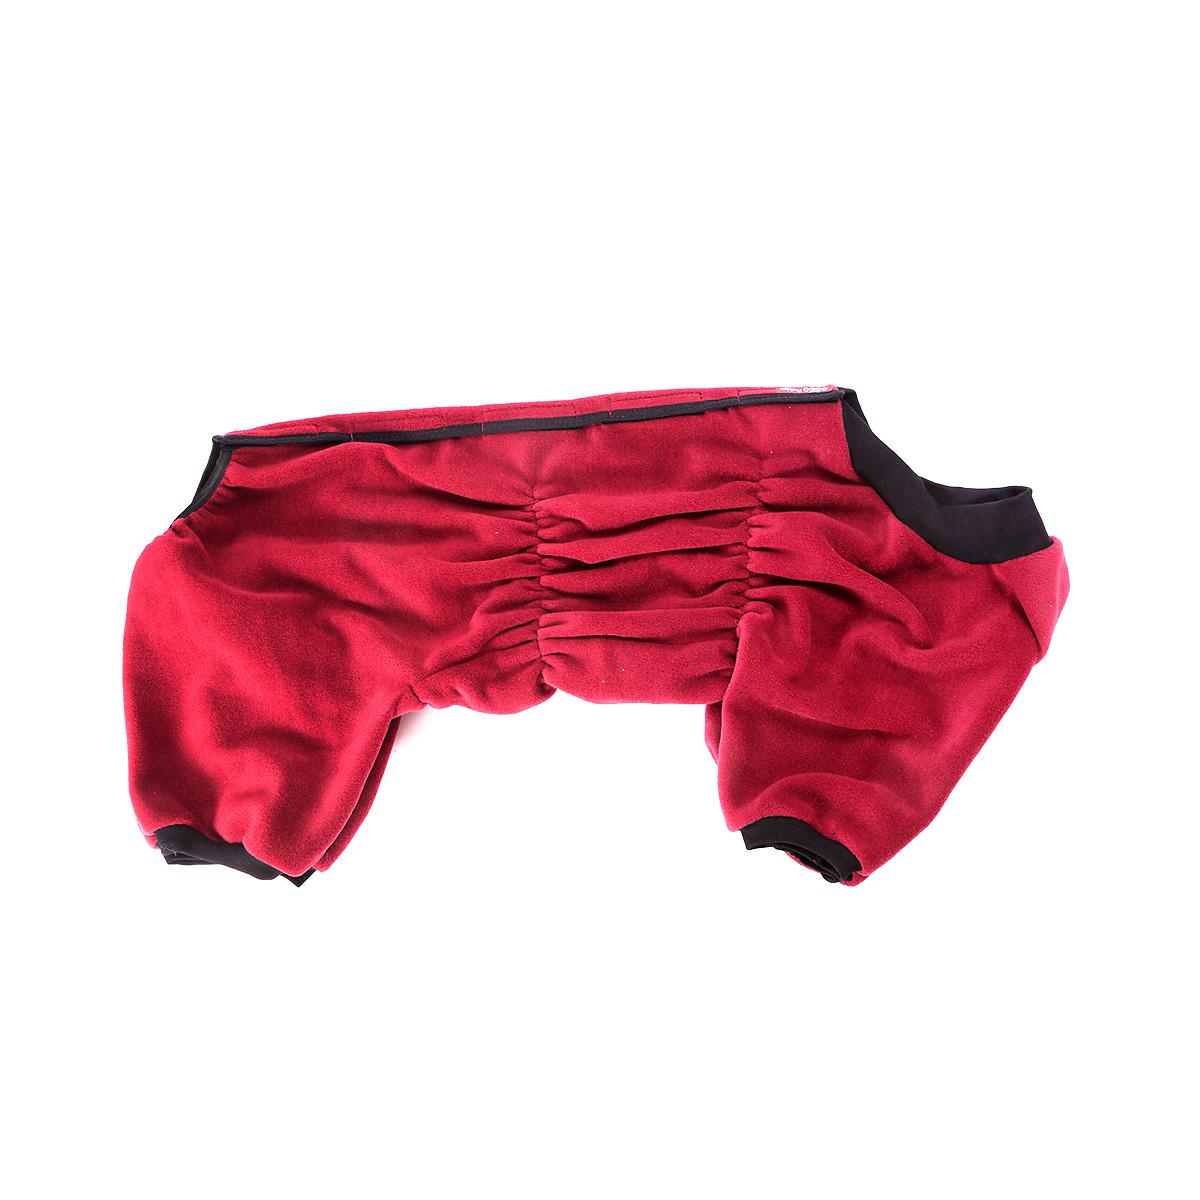 Комбинезон для собак OSSO Fashion, для девочки, цвет: бордовый. Размер 25Кф-1001Комбинезон для собак OSSO Fashion выполнен из флиса. Комфортная посадка по корпусу достигается за счет резинок-утяжек под грудью и животом. На воротнике имеются завязки, для дополнительной фиксации. Можно носить самостоятельно и как поддевку под комбинезон для собак. Изделие отлично стирается, быстро сохнет.Длина спинки: 25 см. Объем груди: 30-38 см.Одежда для собак: нужна ли она и как её выбрать. Статья OZON Гид